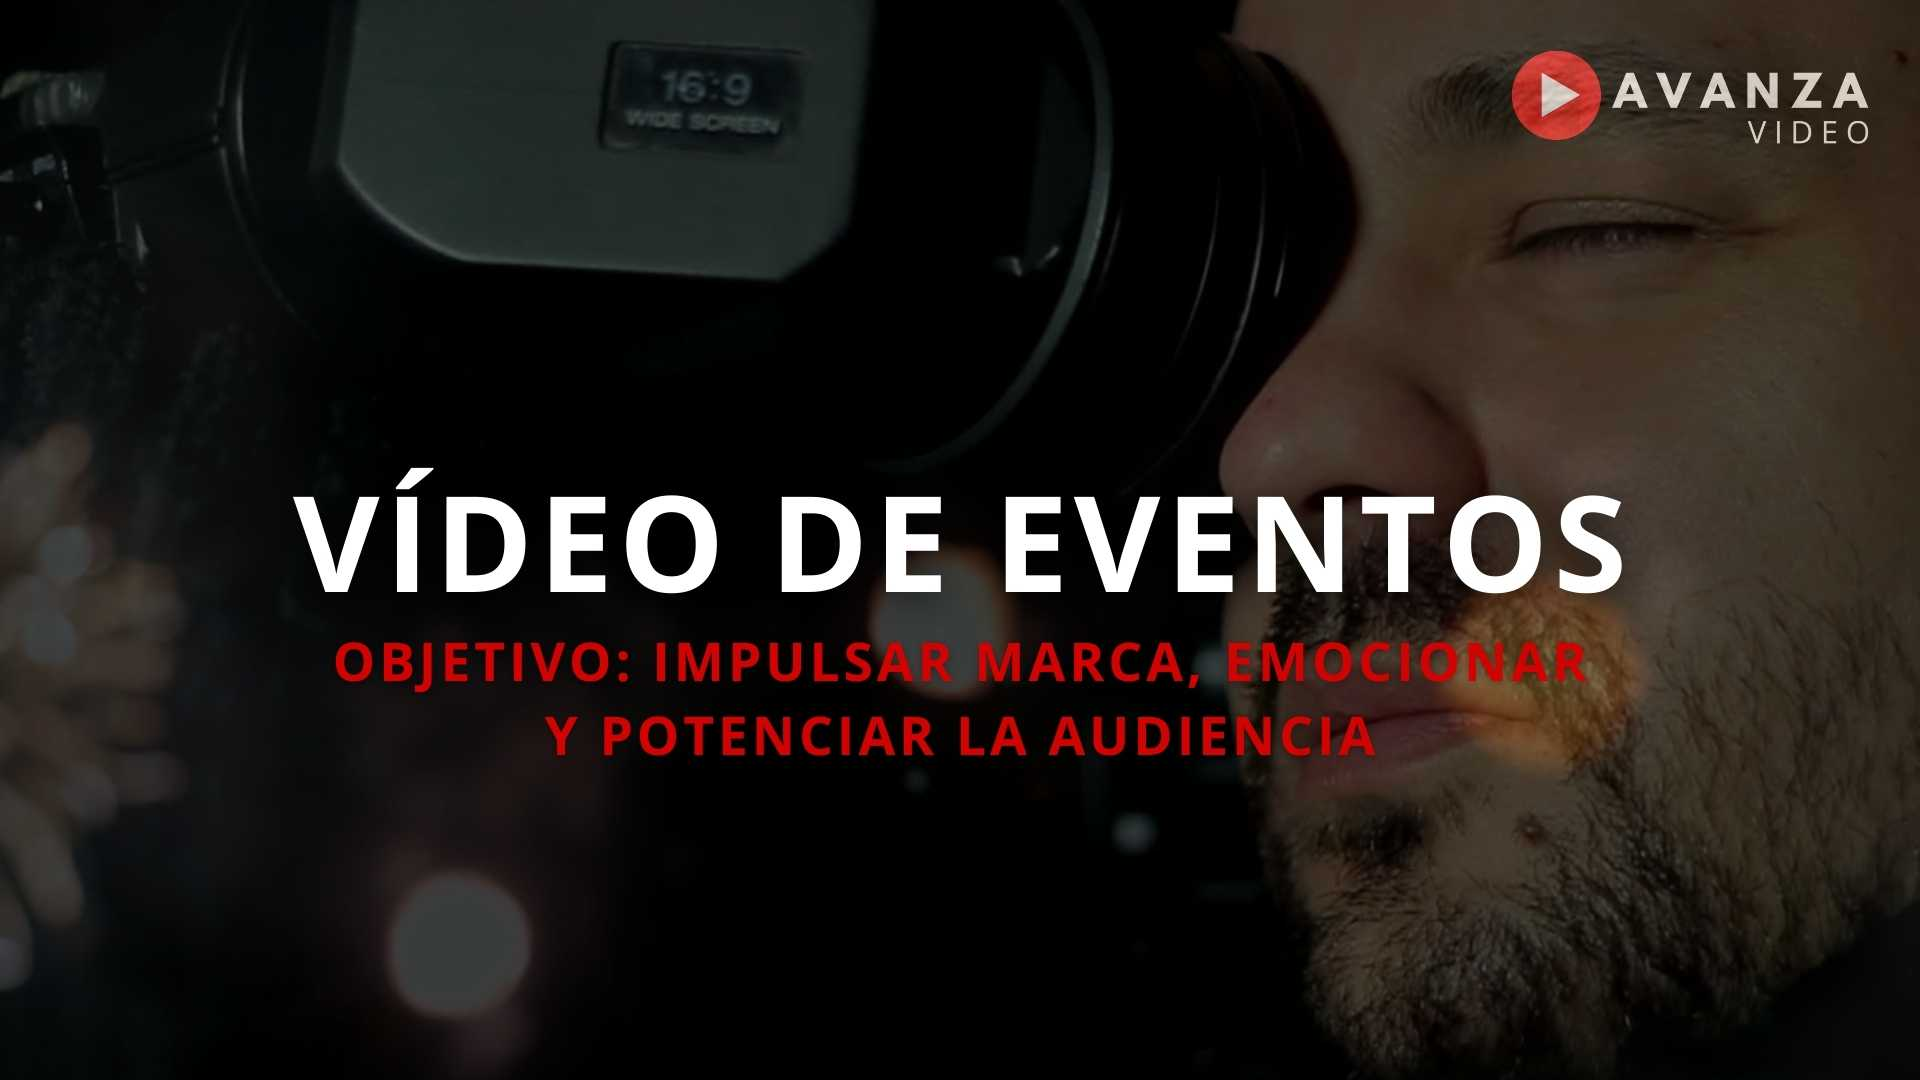 Video de eventos de empresa